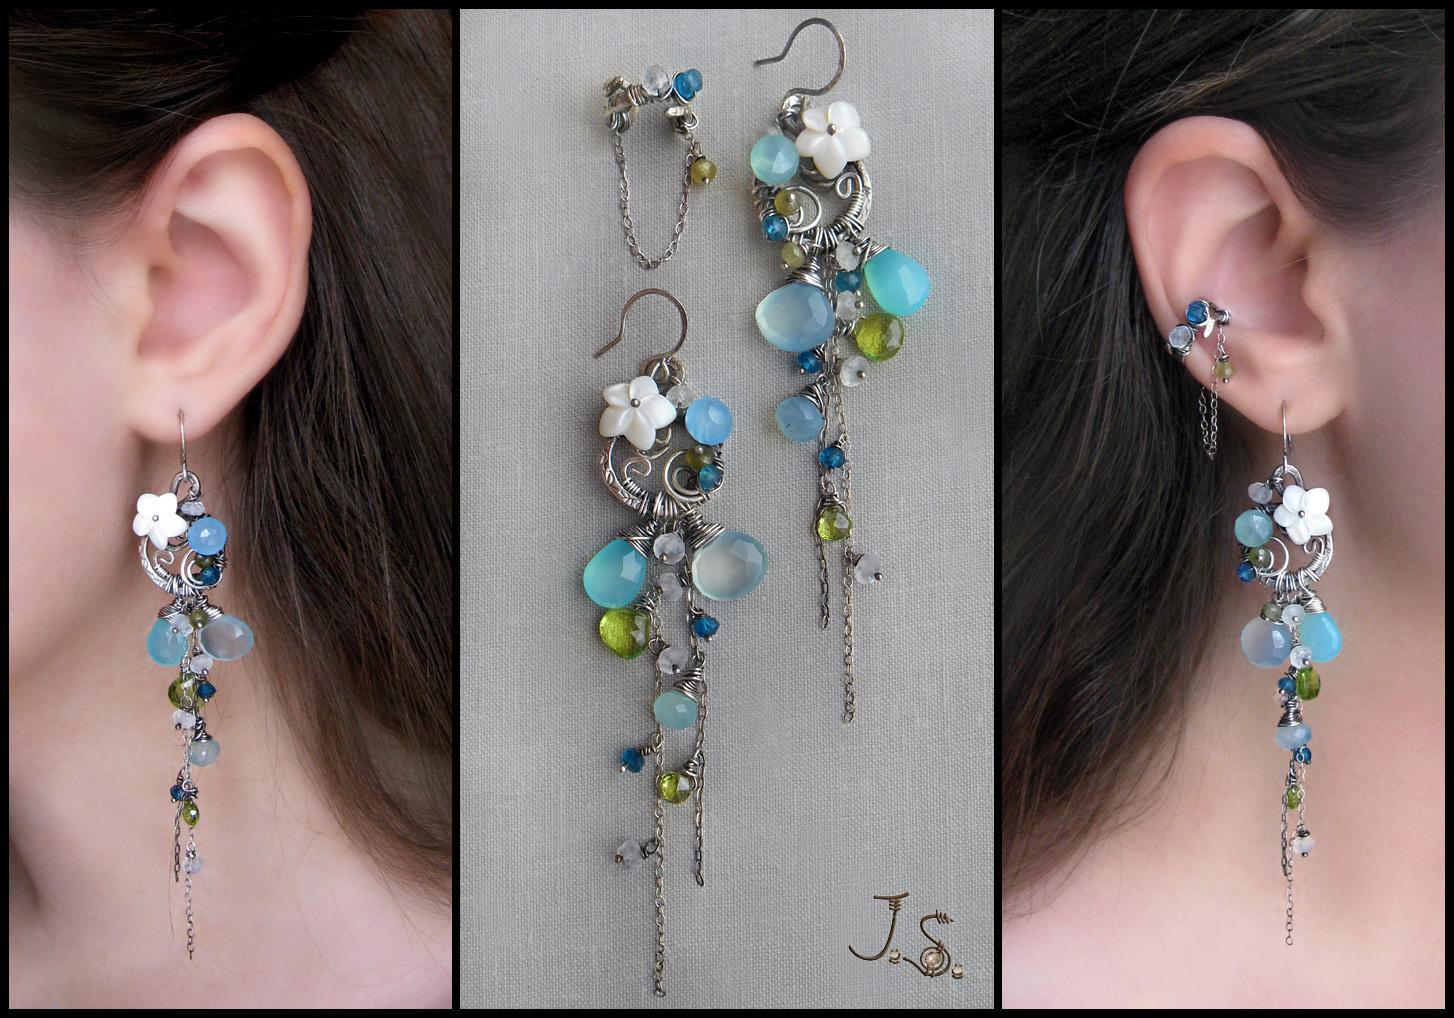 Blue lagoon earrings and ear cuff by JSjewelry